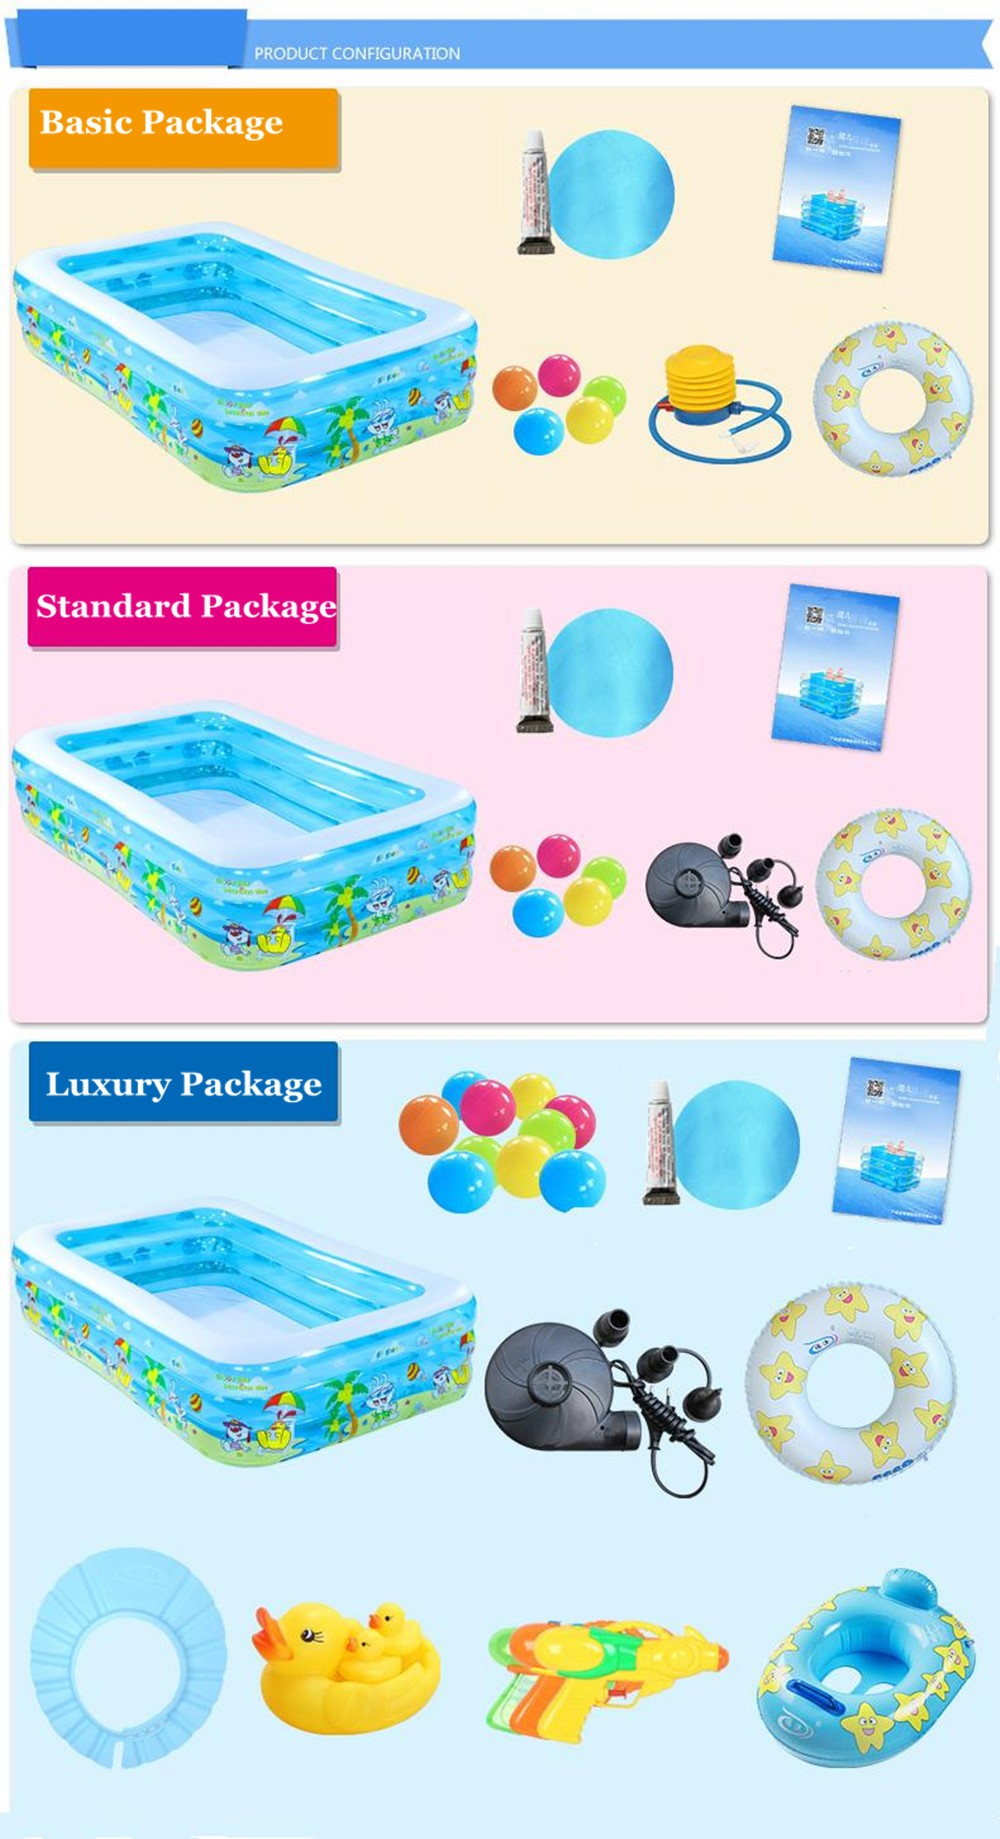 Standard package 2